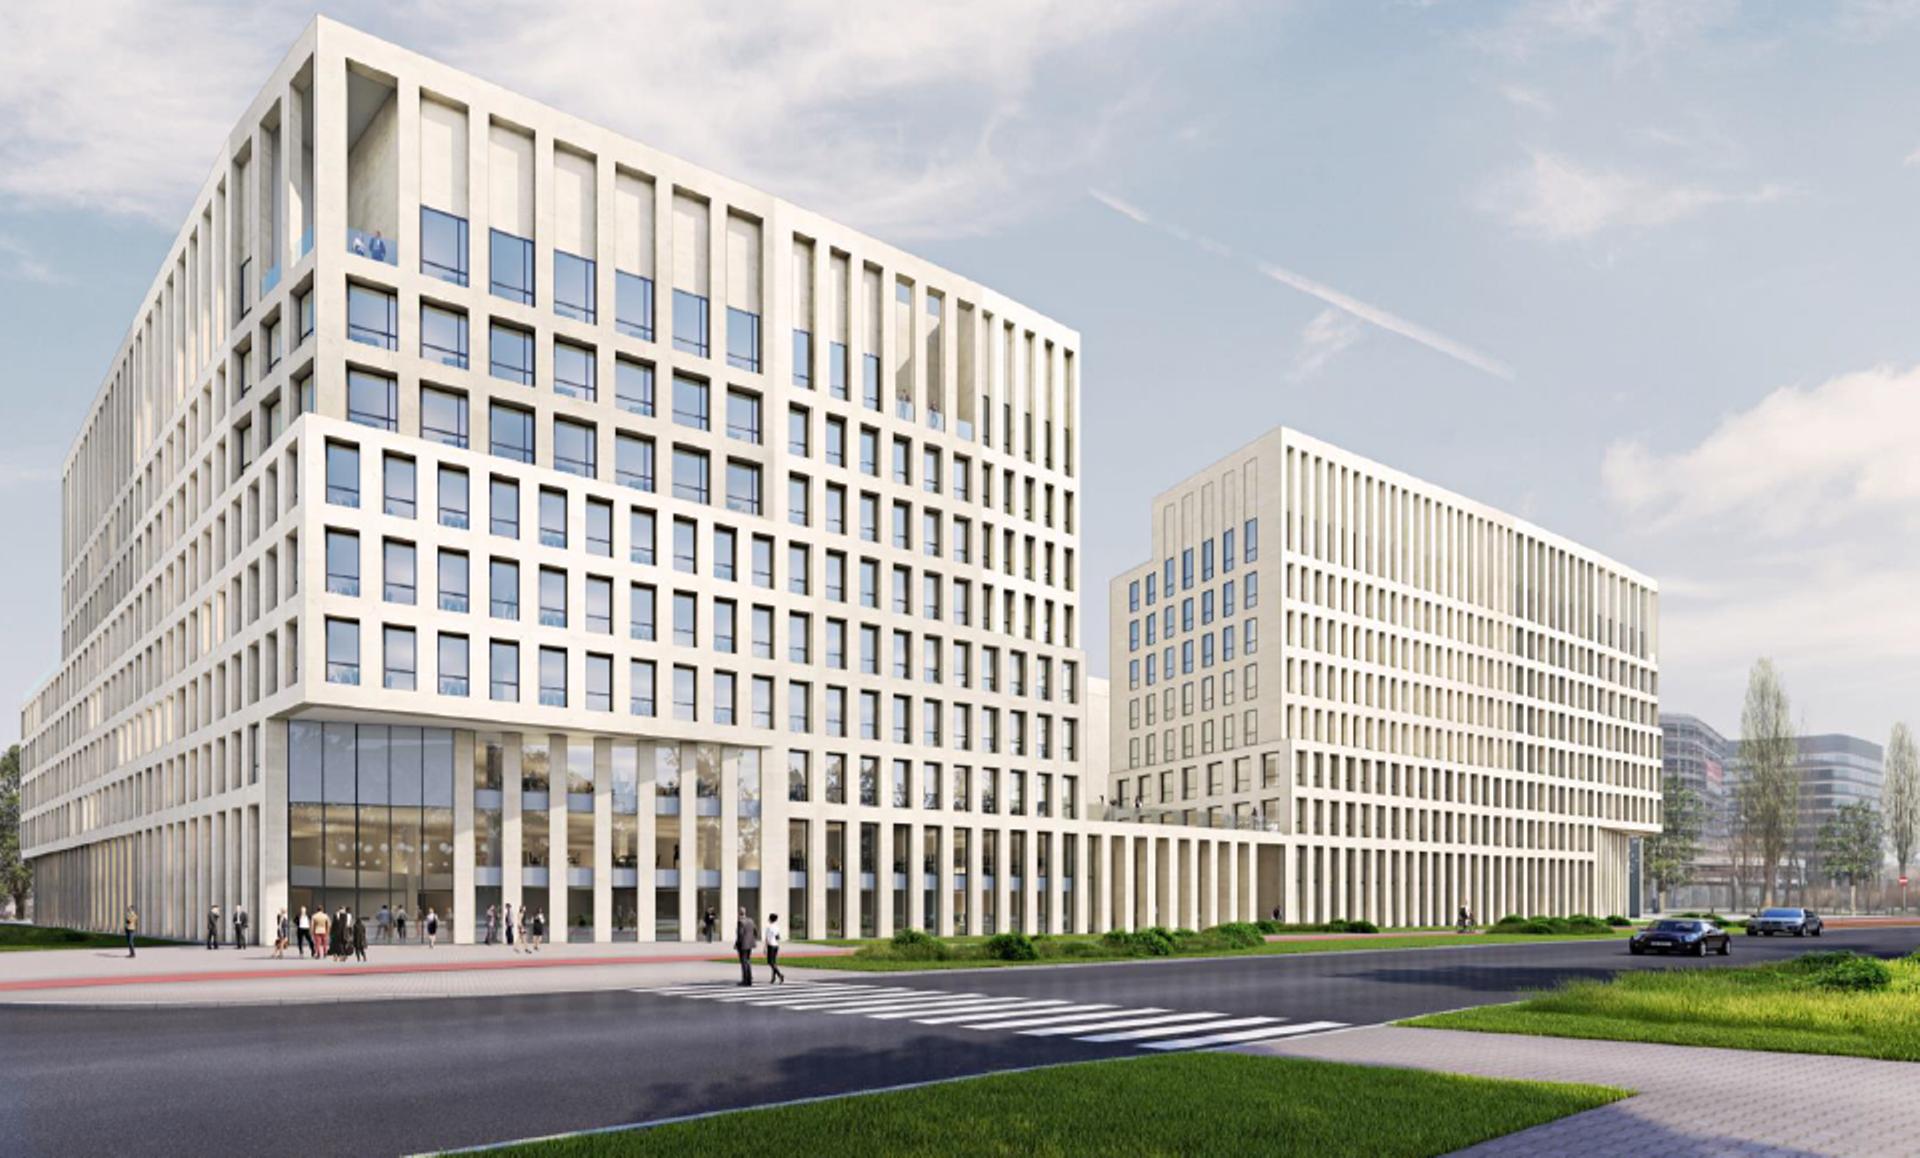 W Krakowie powstaje nowy, duży kompleks biurowy Brain Park [ZDJĘCIA + WIZUALIZACJE]